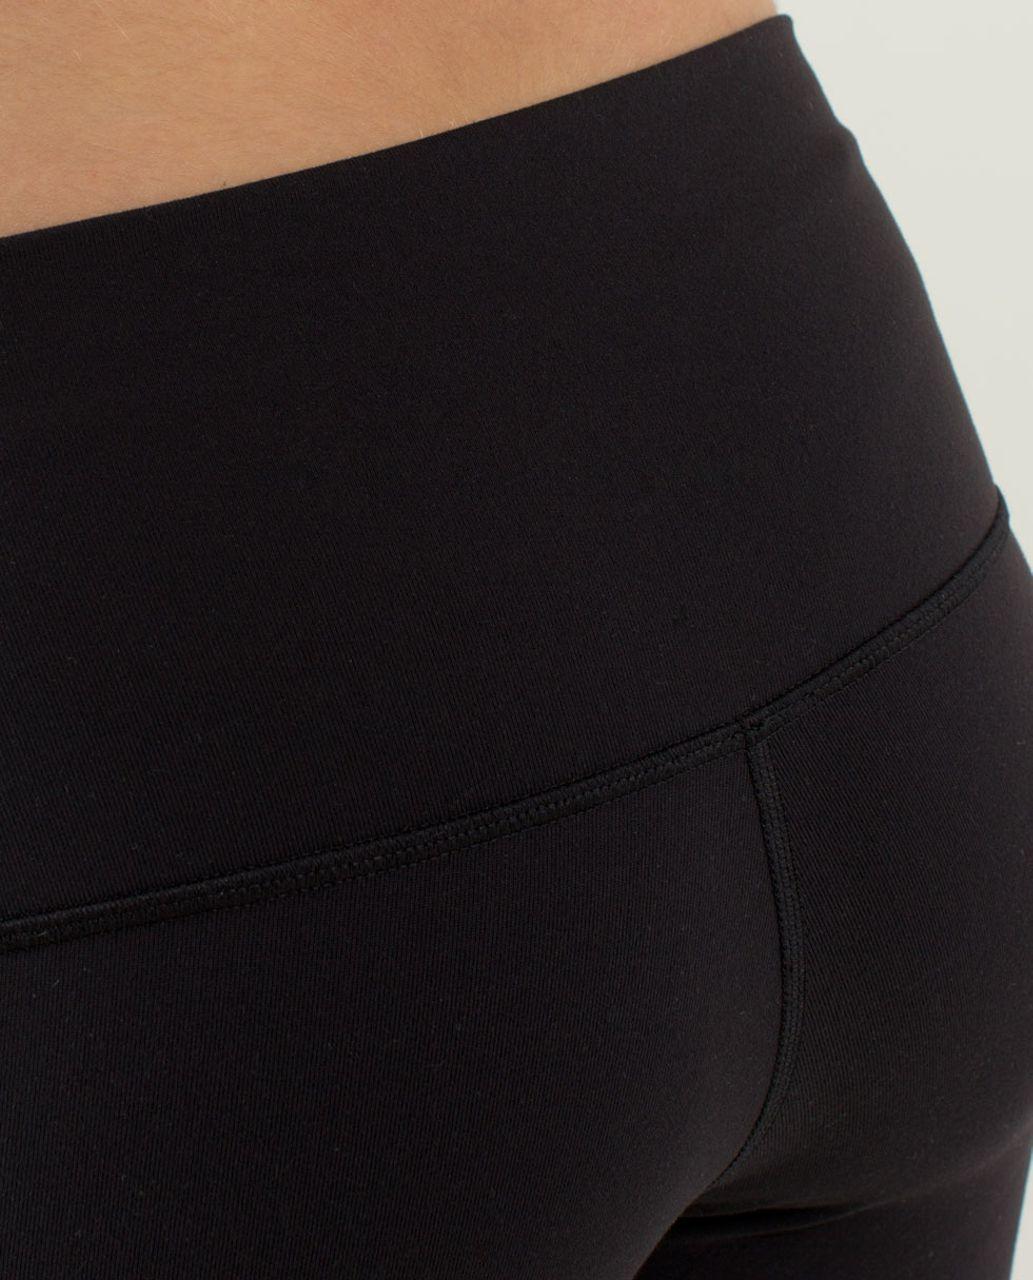 Lululemon Wunder Under Pant (High/Low) *Full-On Luon - Black